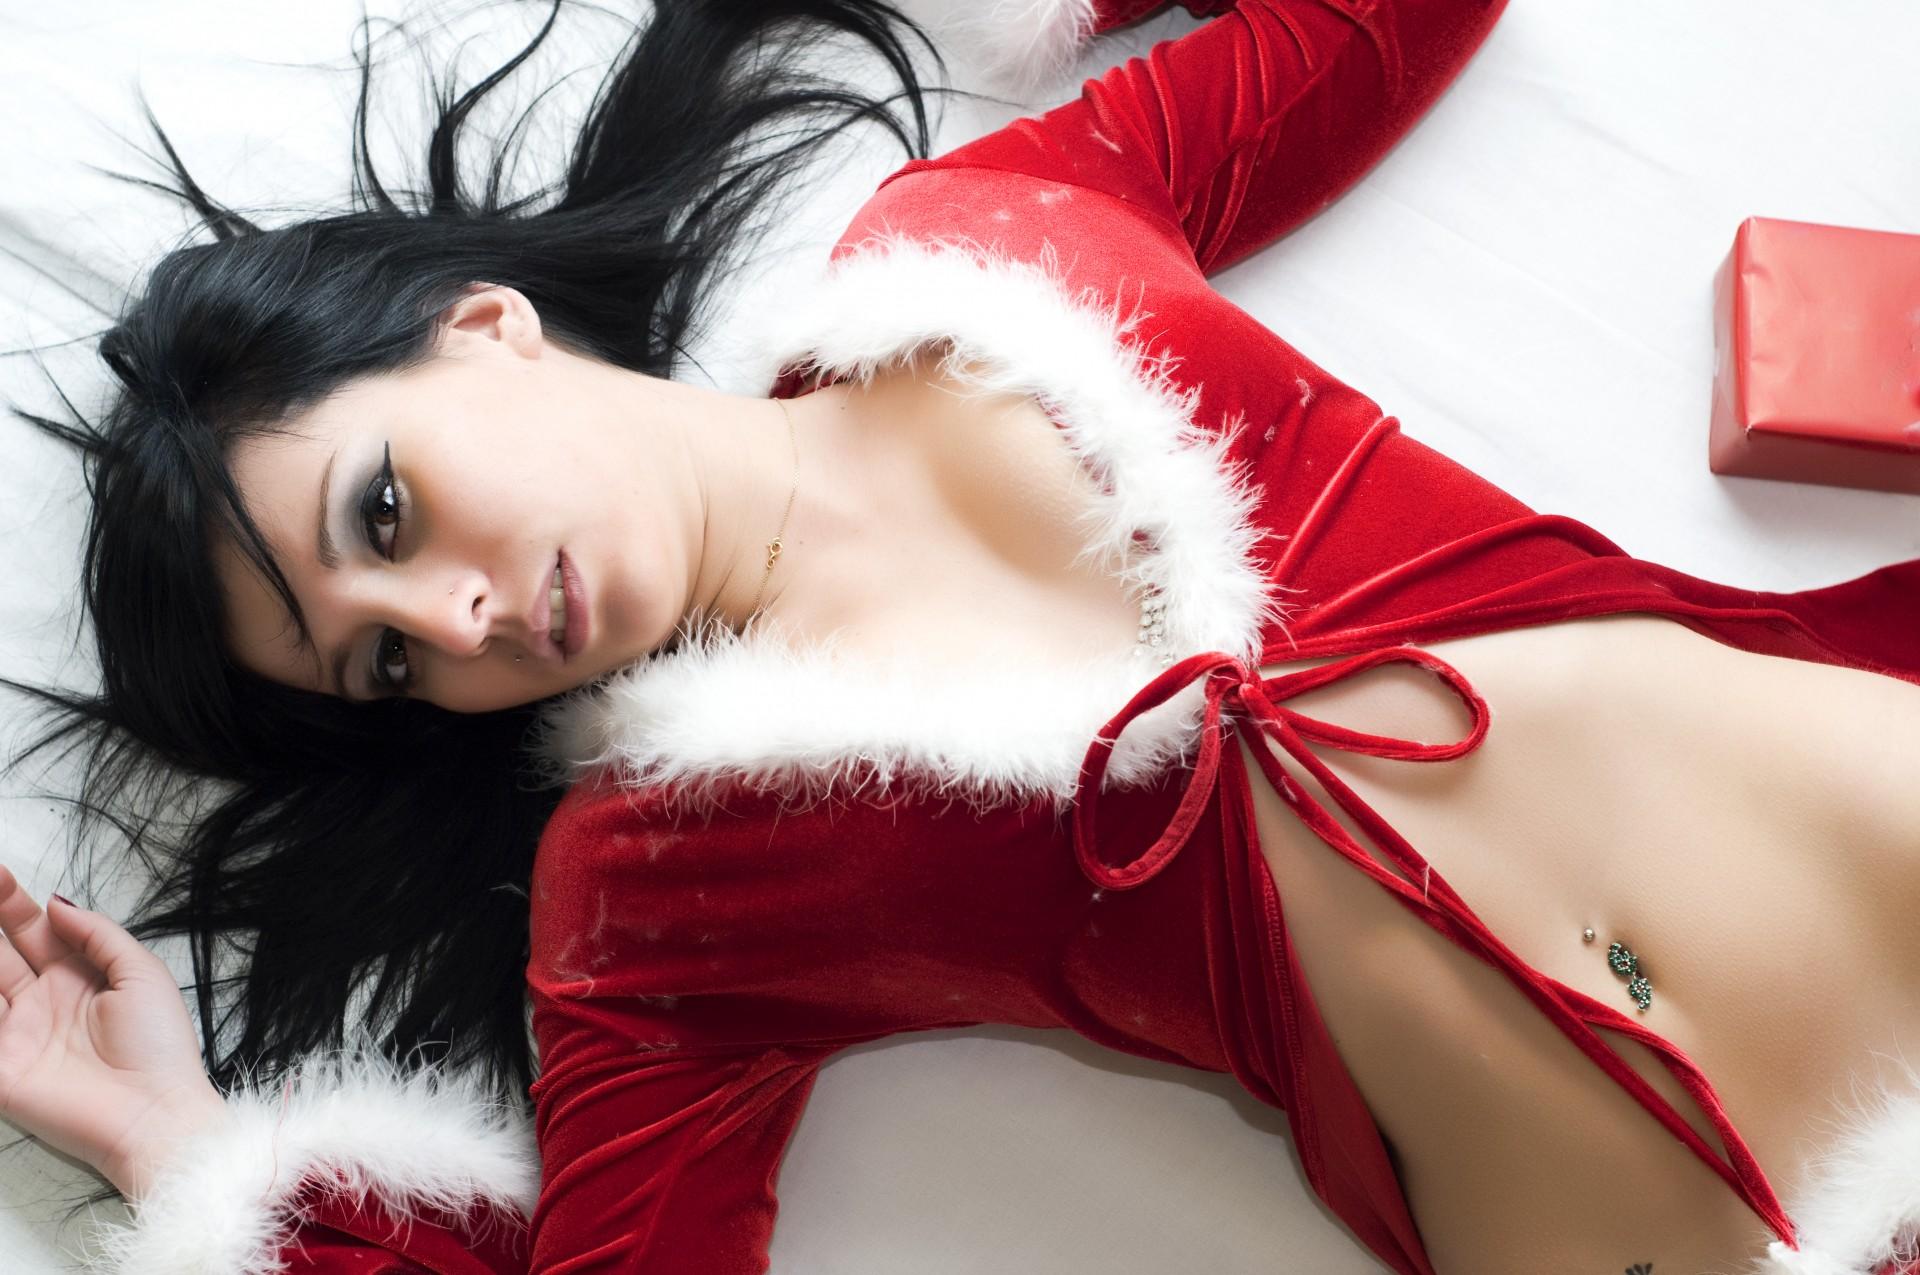 Картинки сексуальных новогодних девушек #1